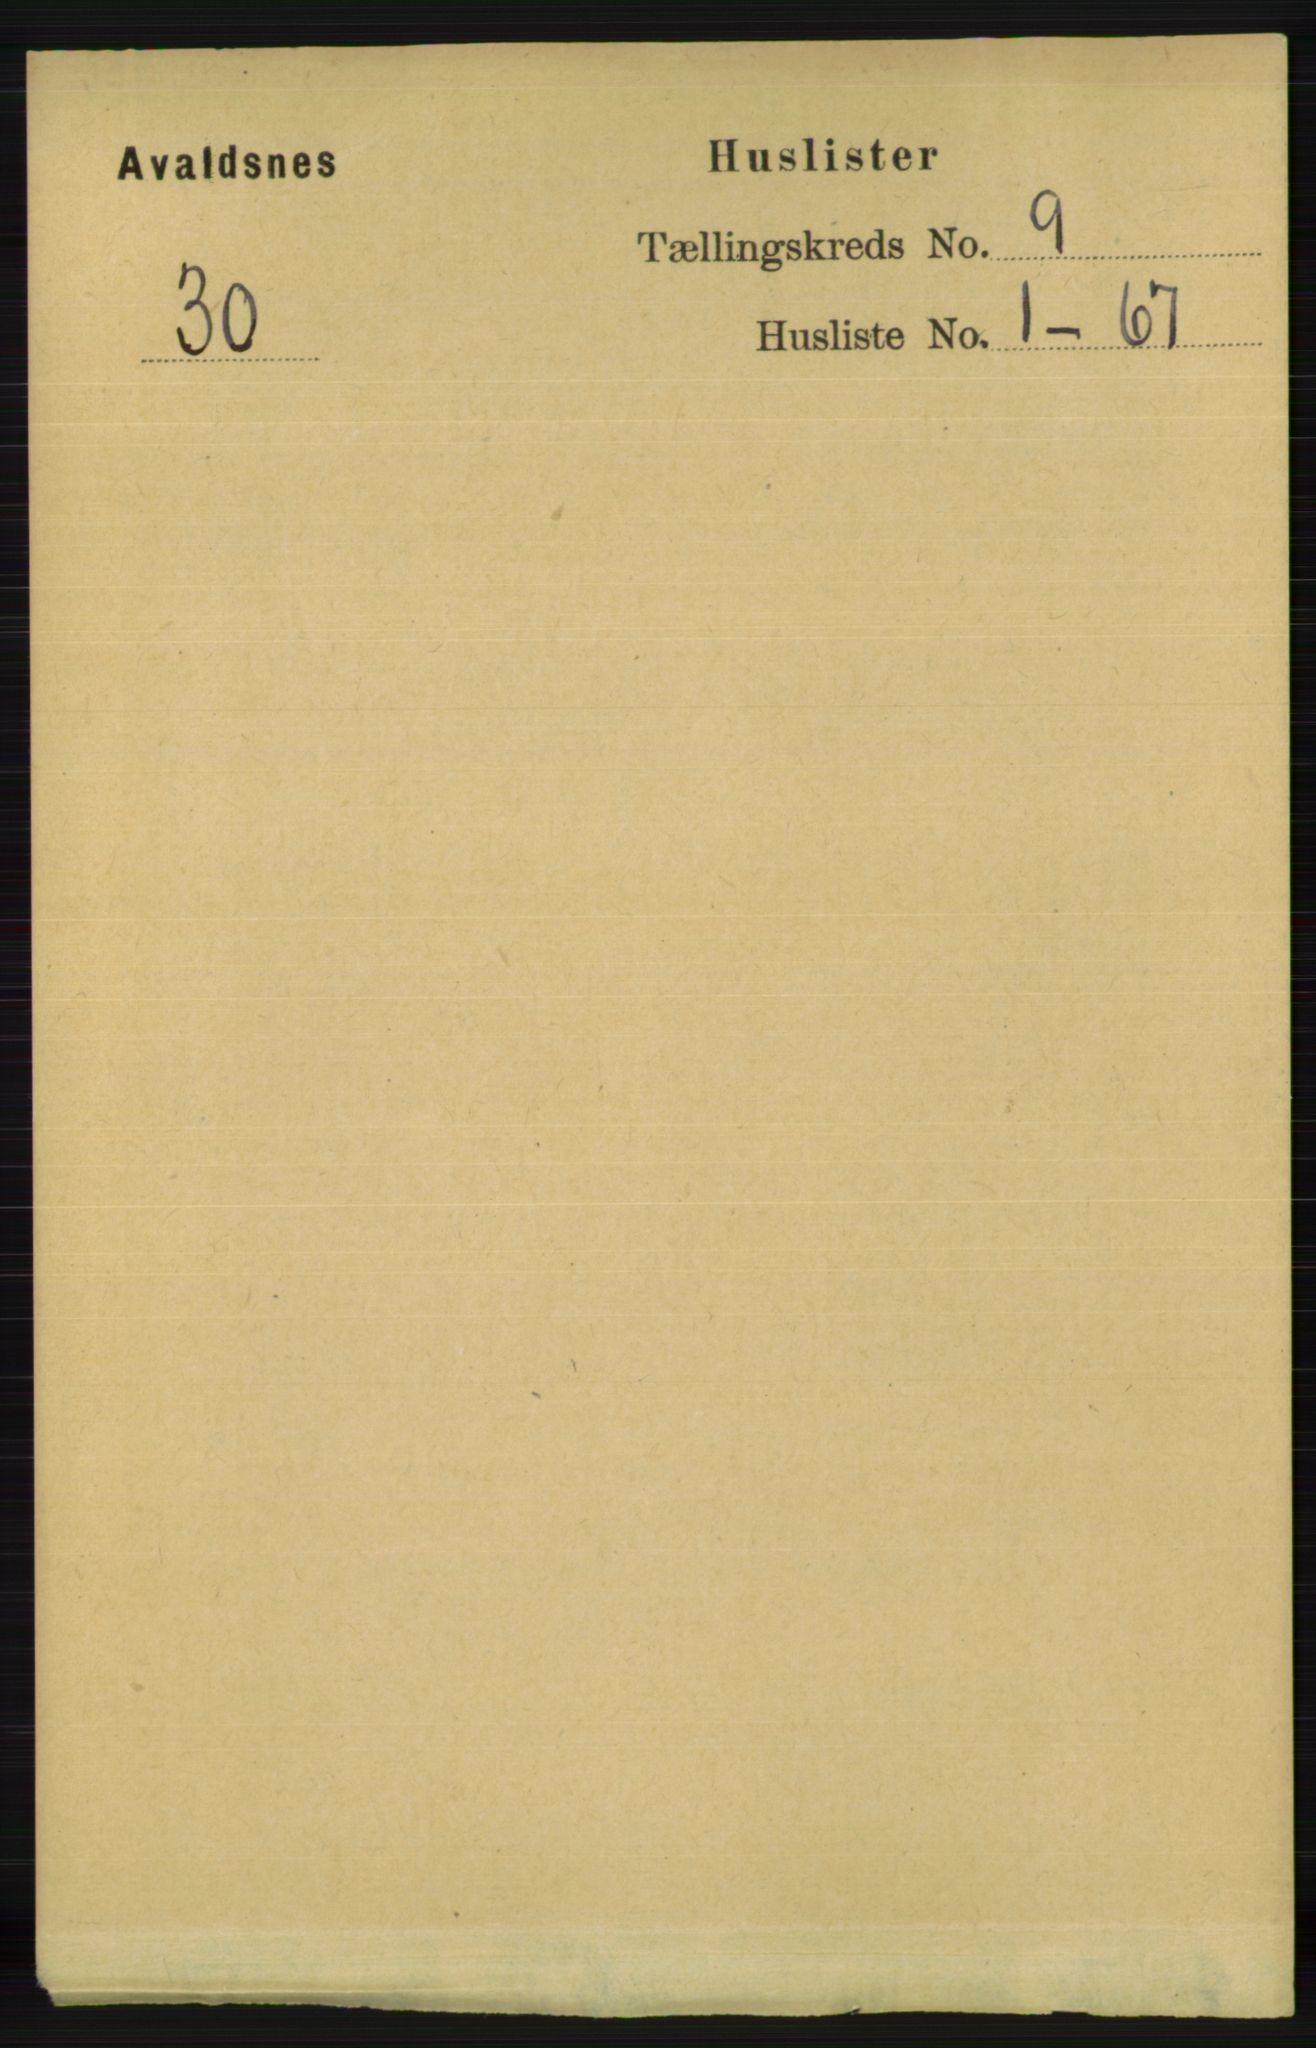 RA, Folketelling 1891 for 1147 Avaldsnes herred, 1891, s. 4890